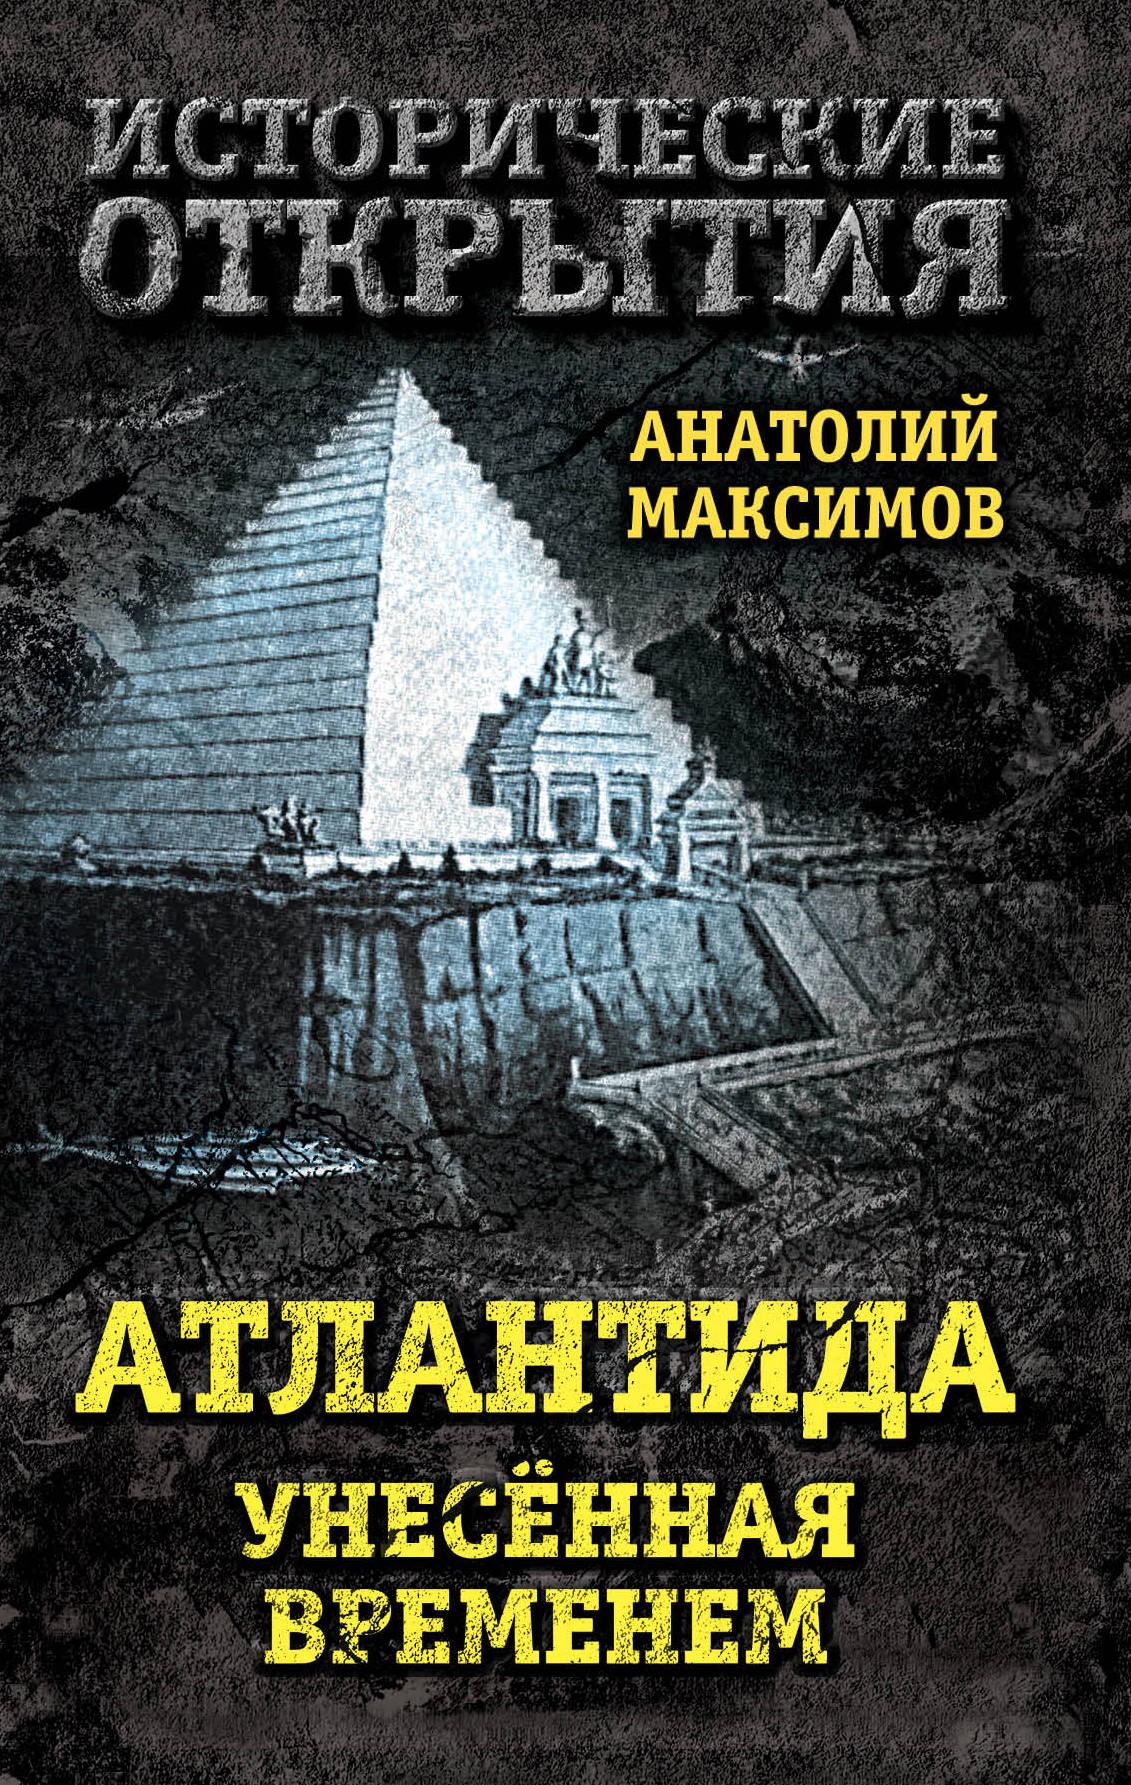 Атлантида, унесенная временем. Максимов Анатолий Борисович